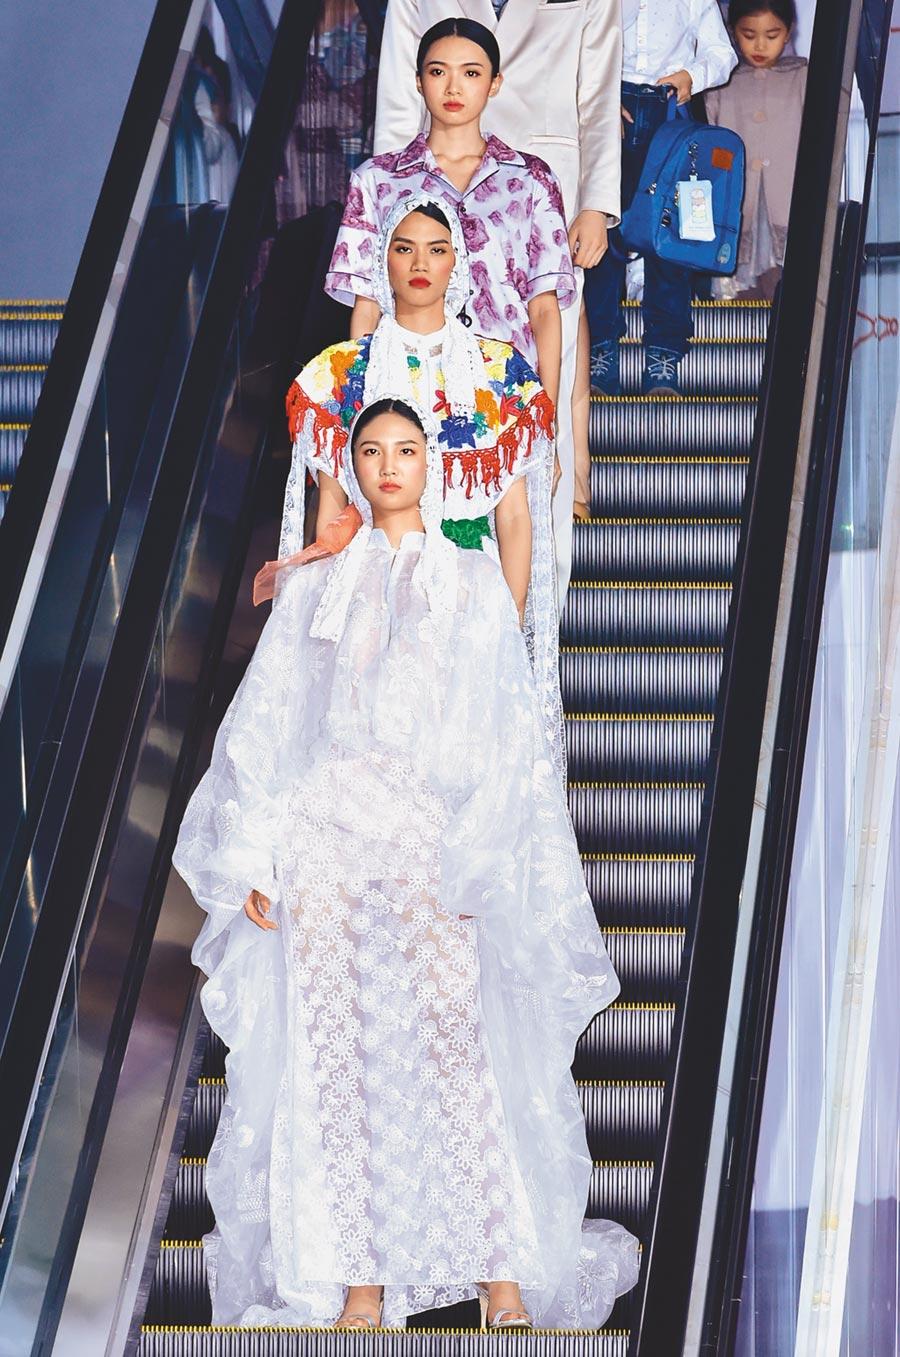 伊林新生代超模陳詠芯(前)領軍伊林模特兒,在台南美術館2館一起演繹時尚秀。(伊林娛樂提供)